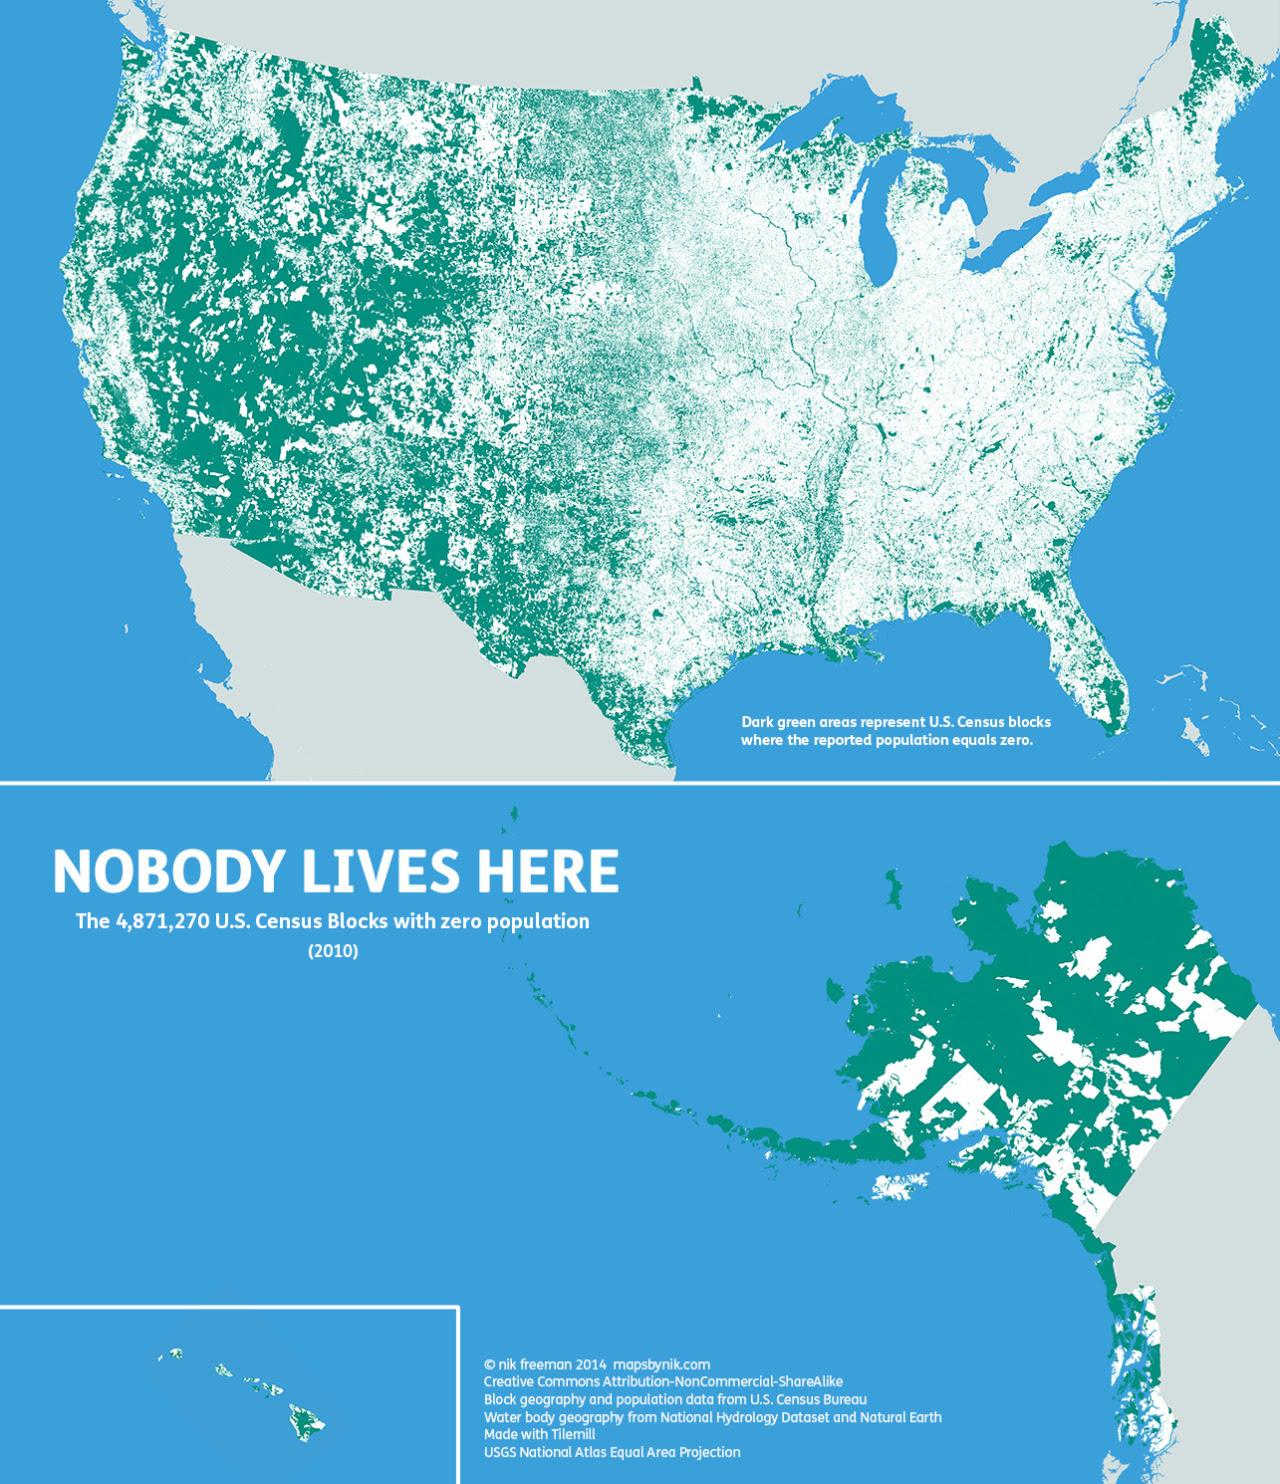 Zero Population Census Blocks